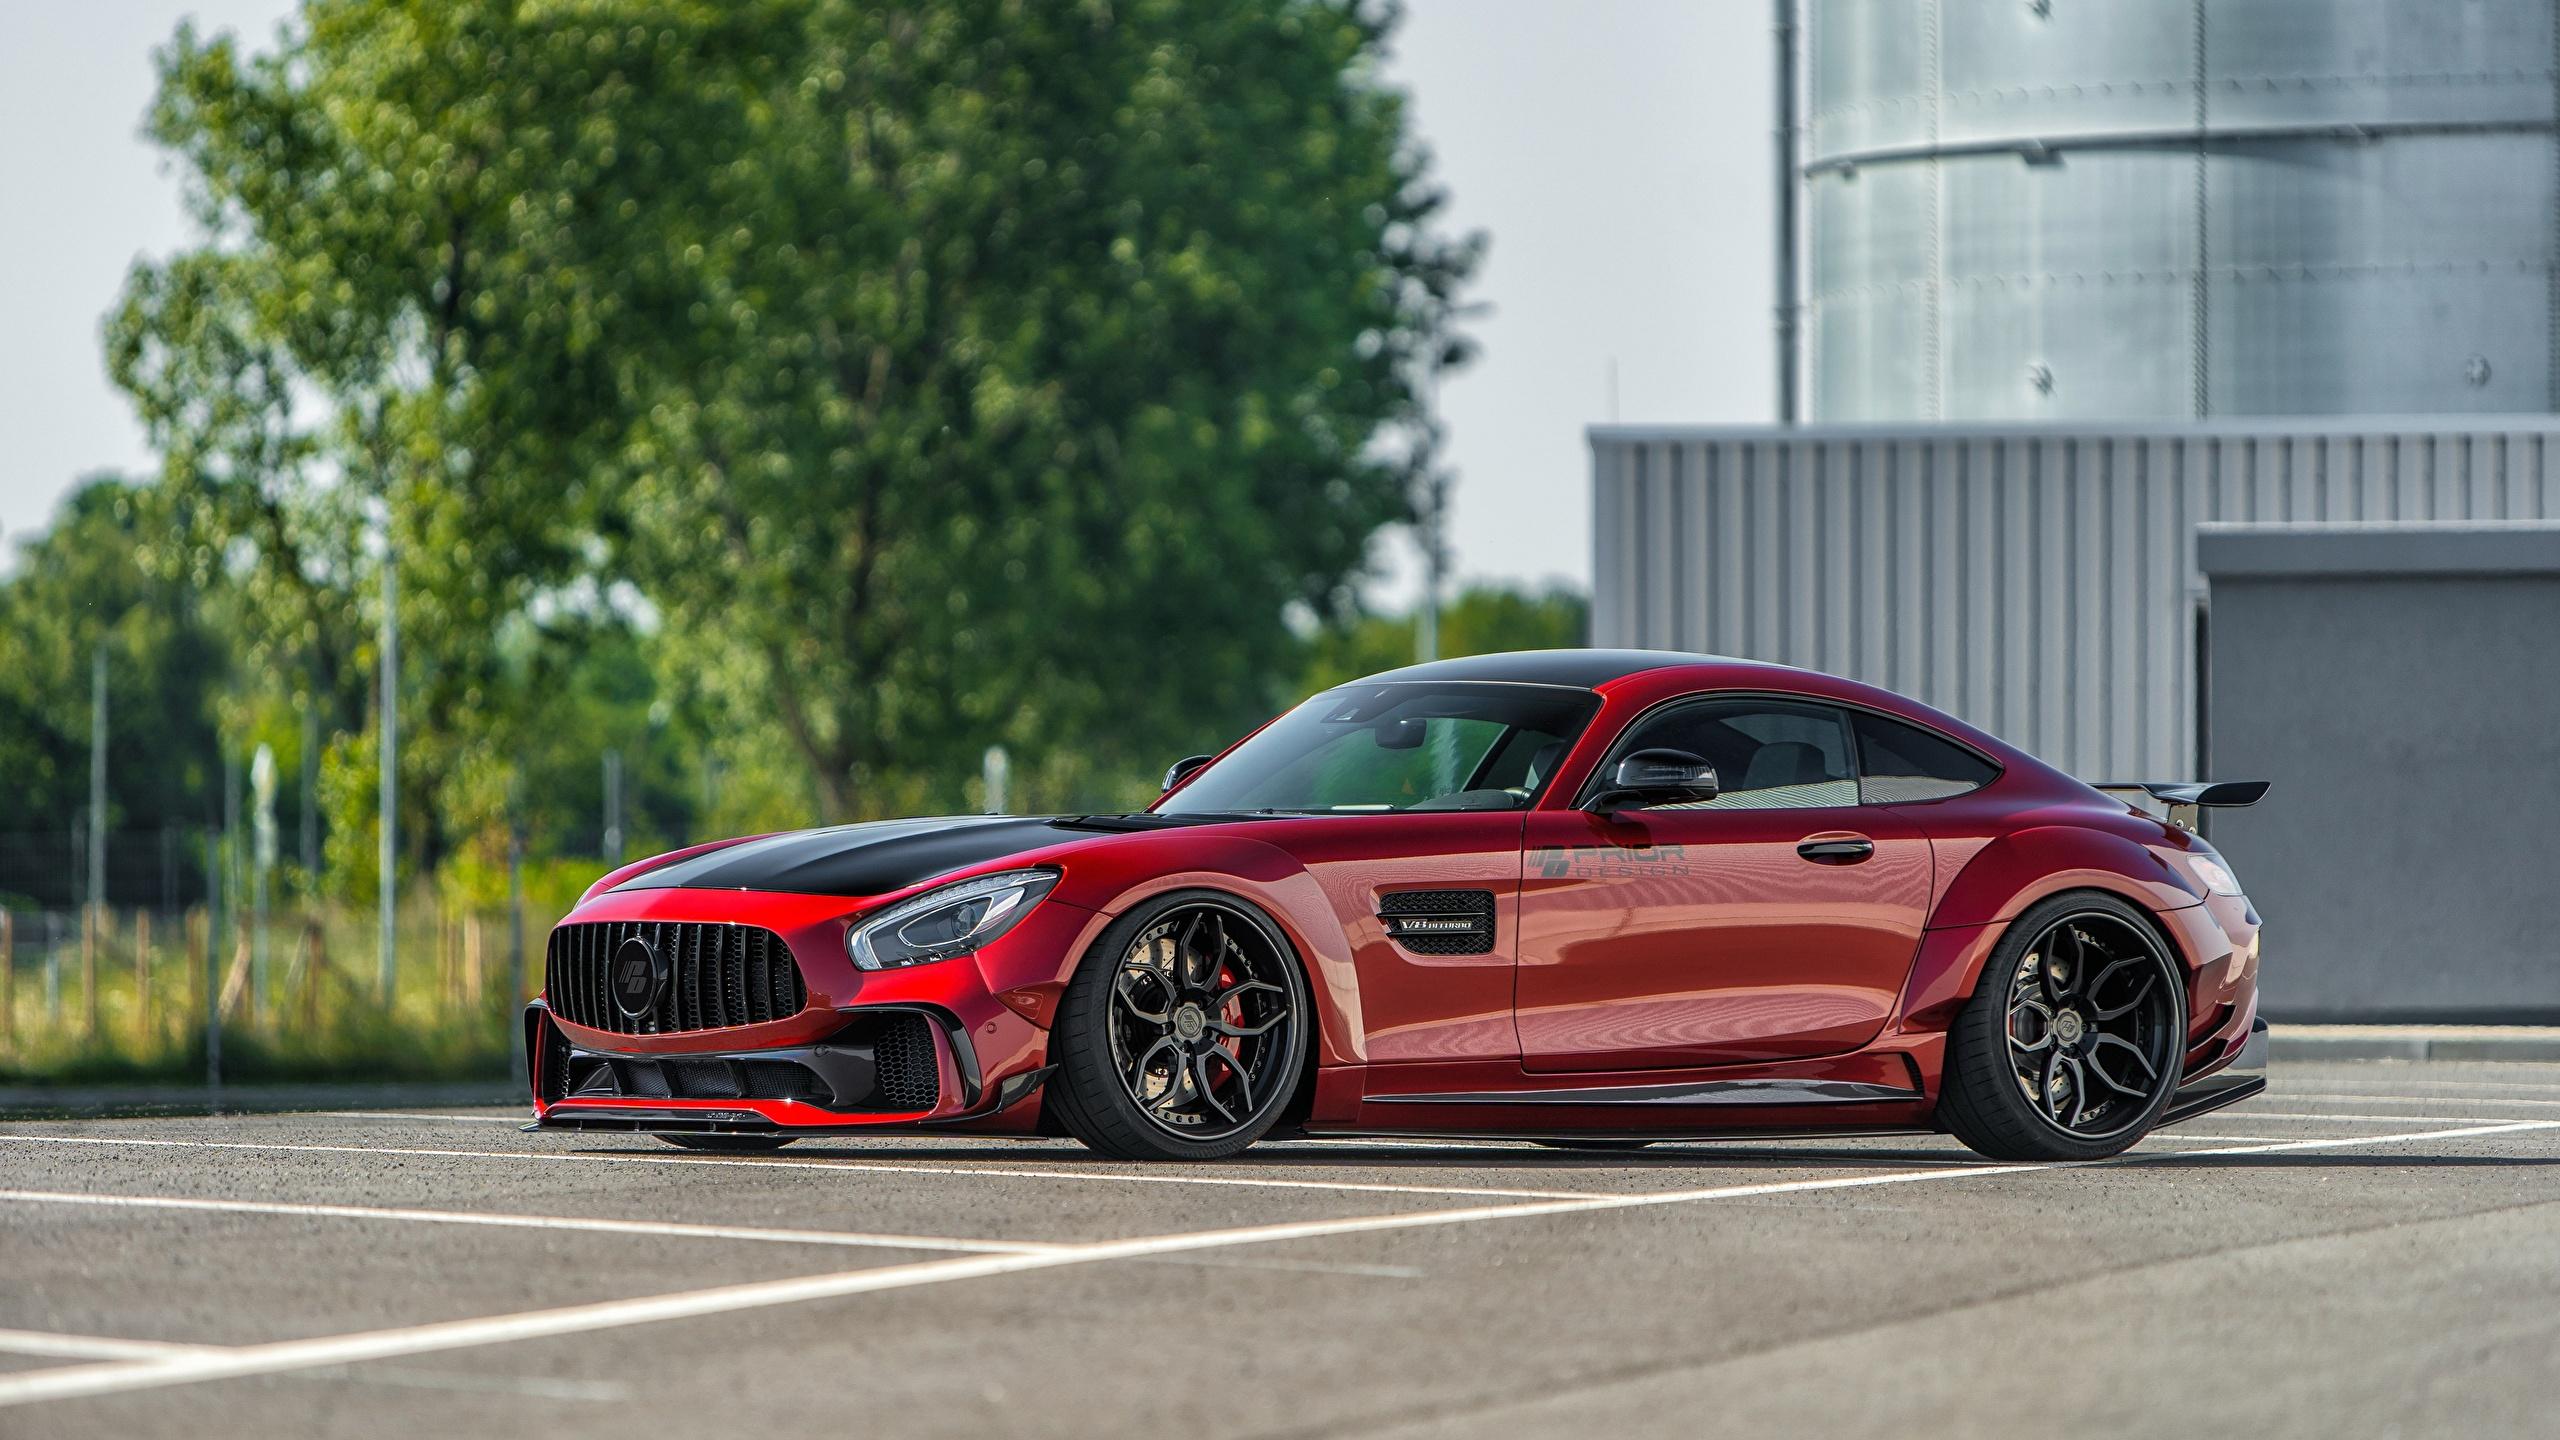 Фотографии Мерседес бенц AMG GT красных Сбоку машины Металлик 2560x1440 Mercedes-Benz красная красные Красный авто машина Автомобили автомобиль